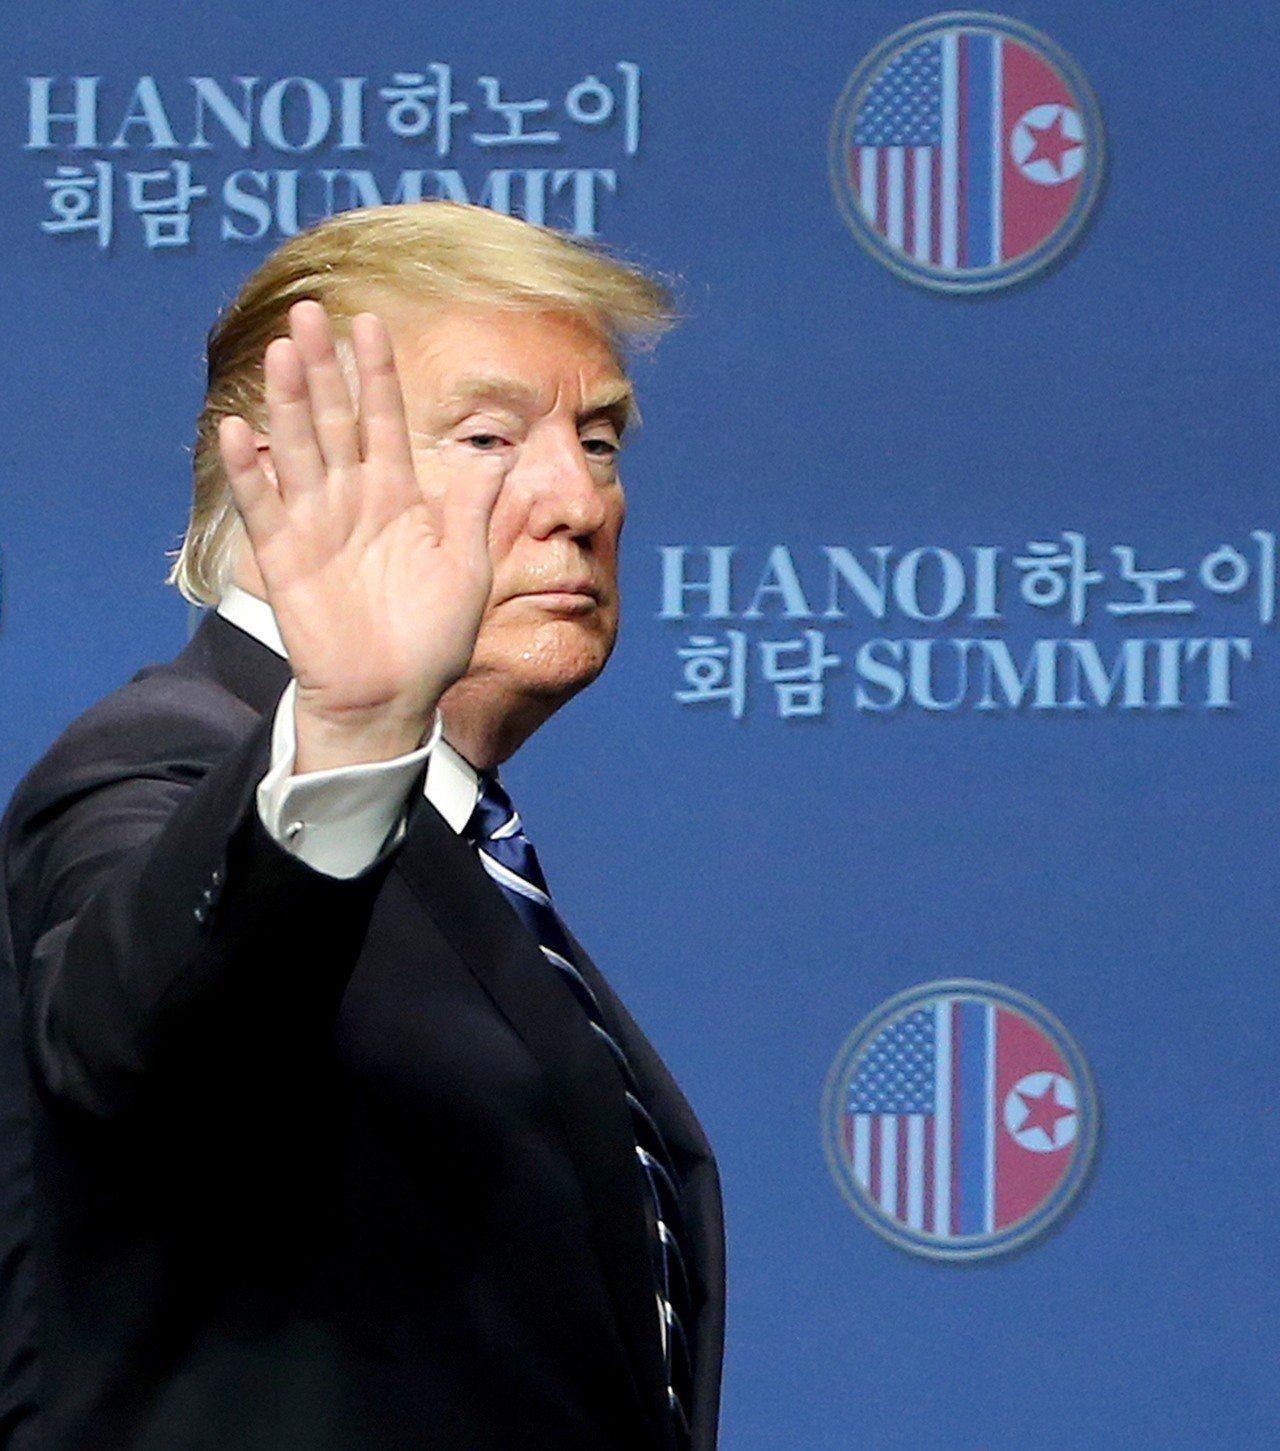 美朝峰會提前草草結束,原定簽署的共同協定也破局。圖為美國總統川普。歐新社